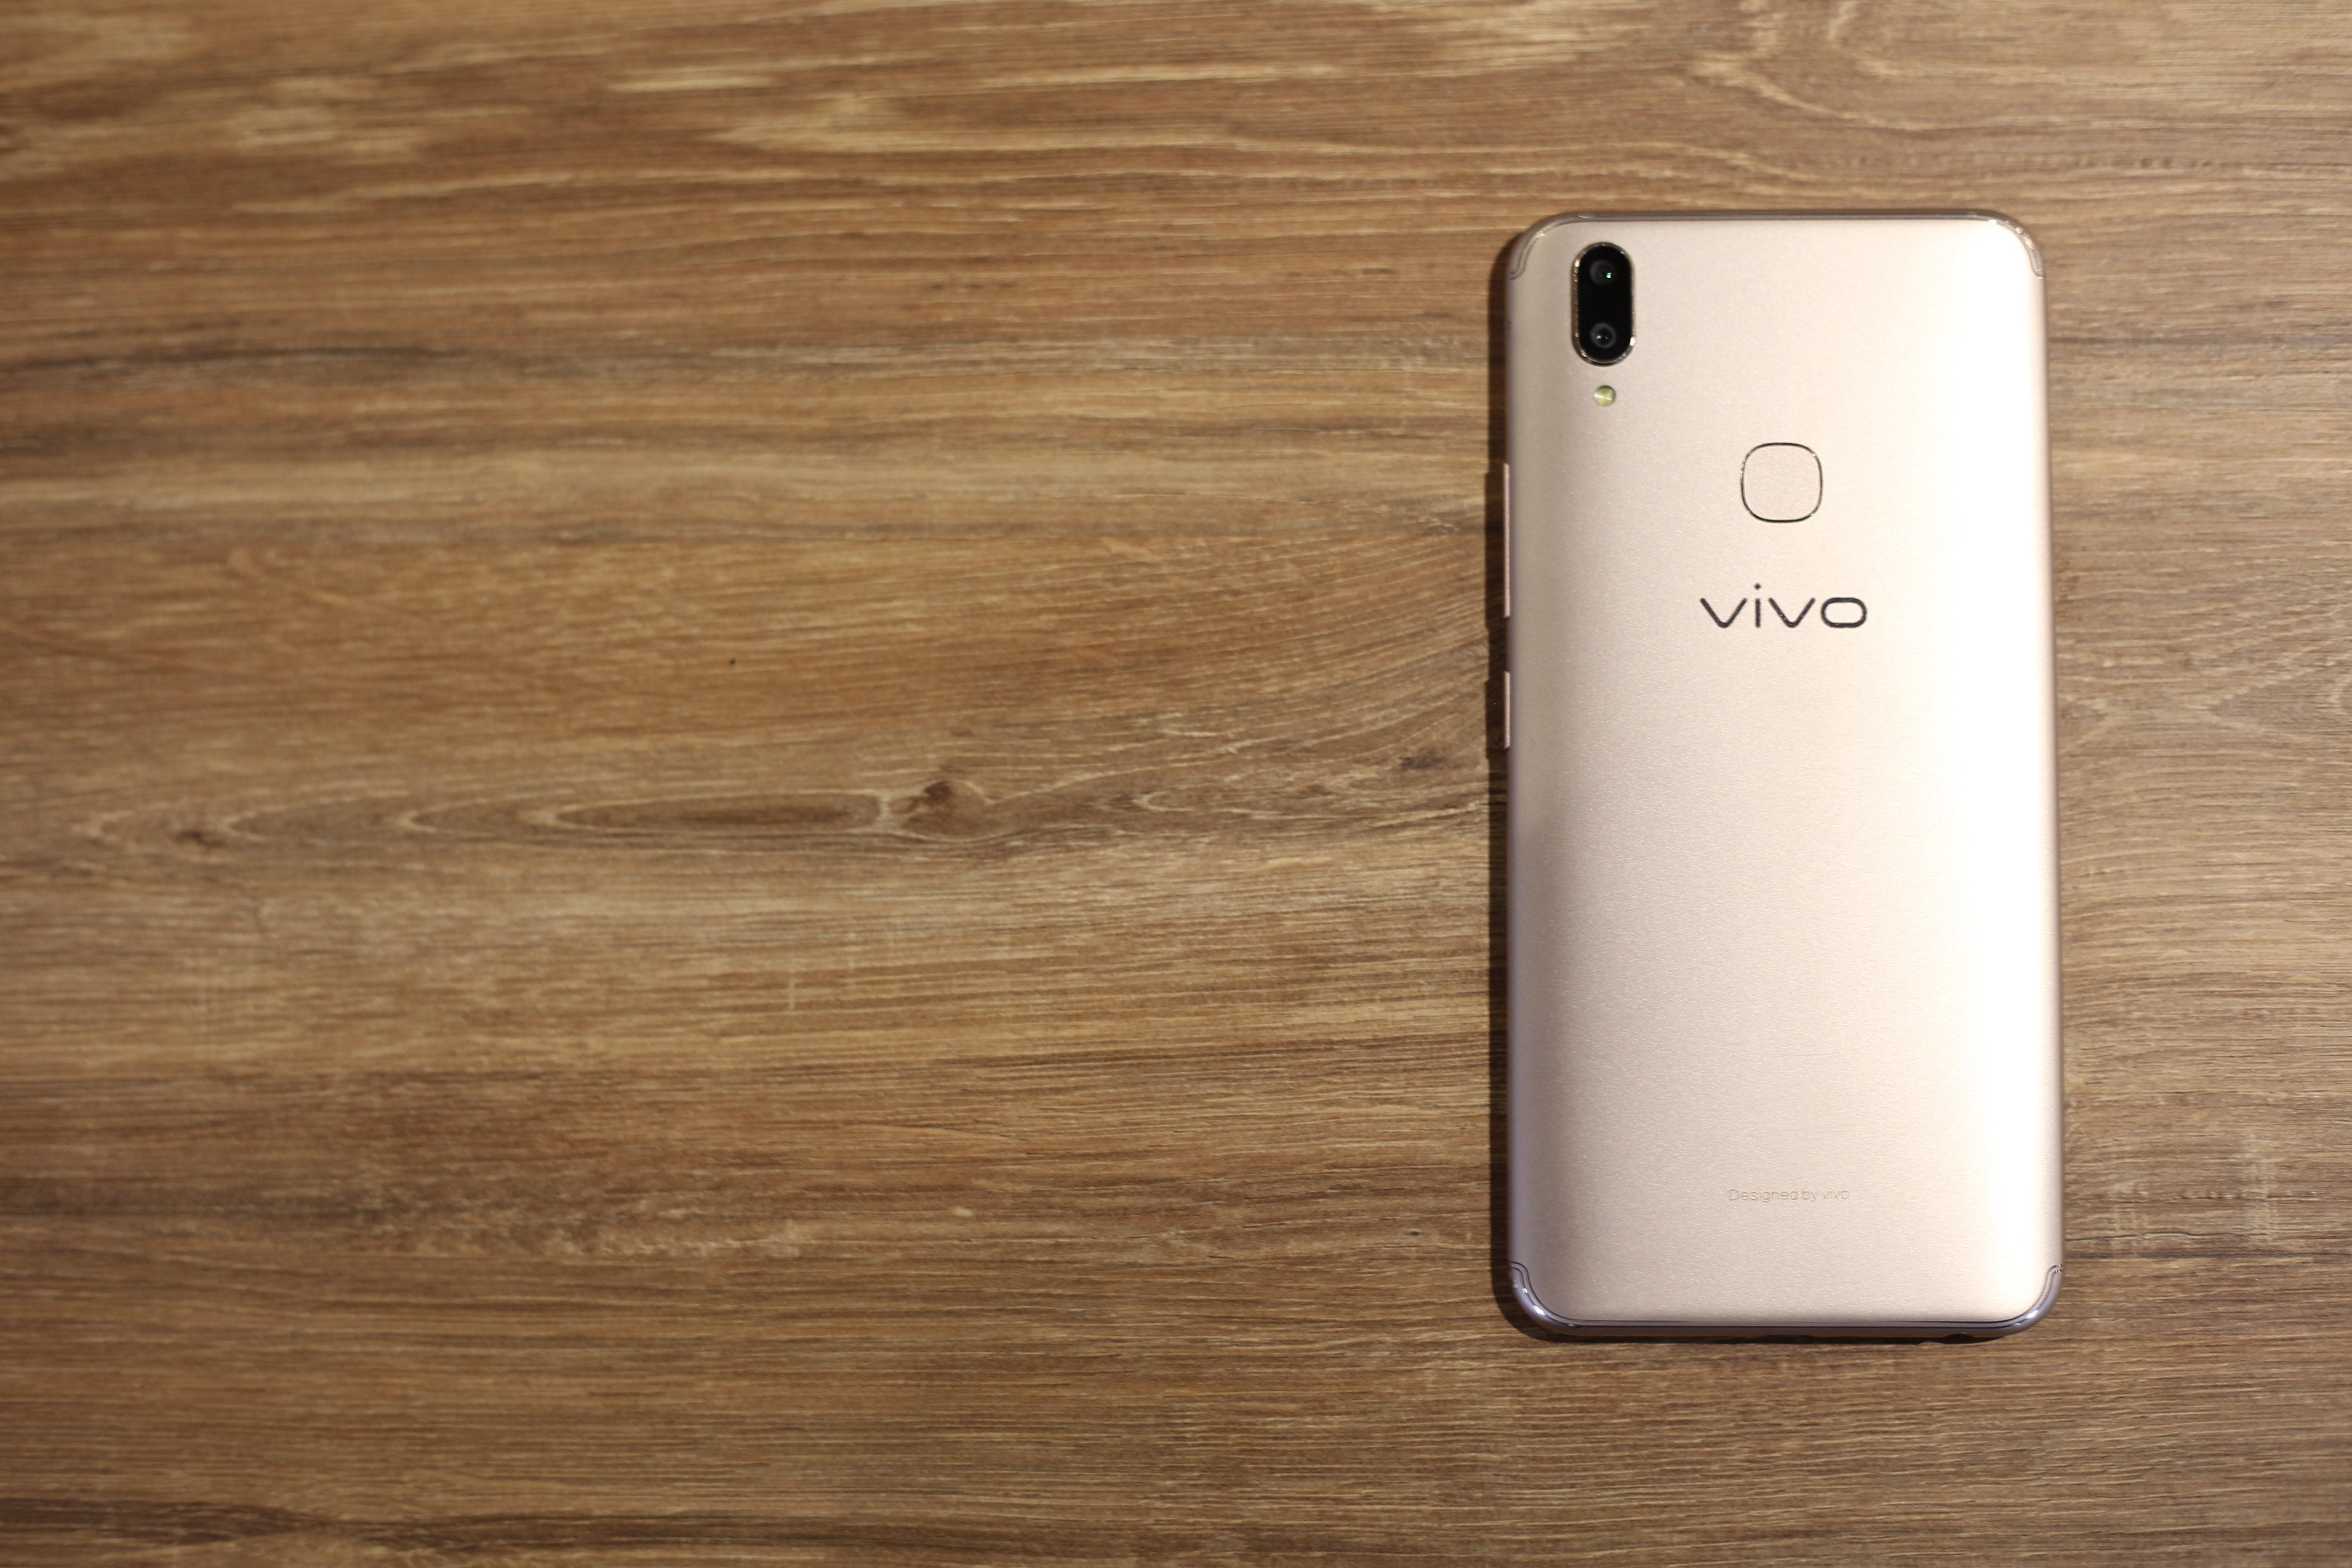 格安スマホ使用レビュー vivo V9の機能やスペック・性能のメリット・デメリットを徹底解説